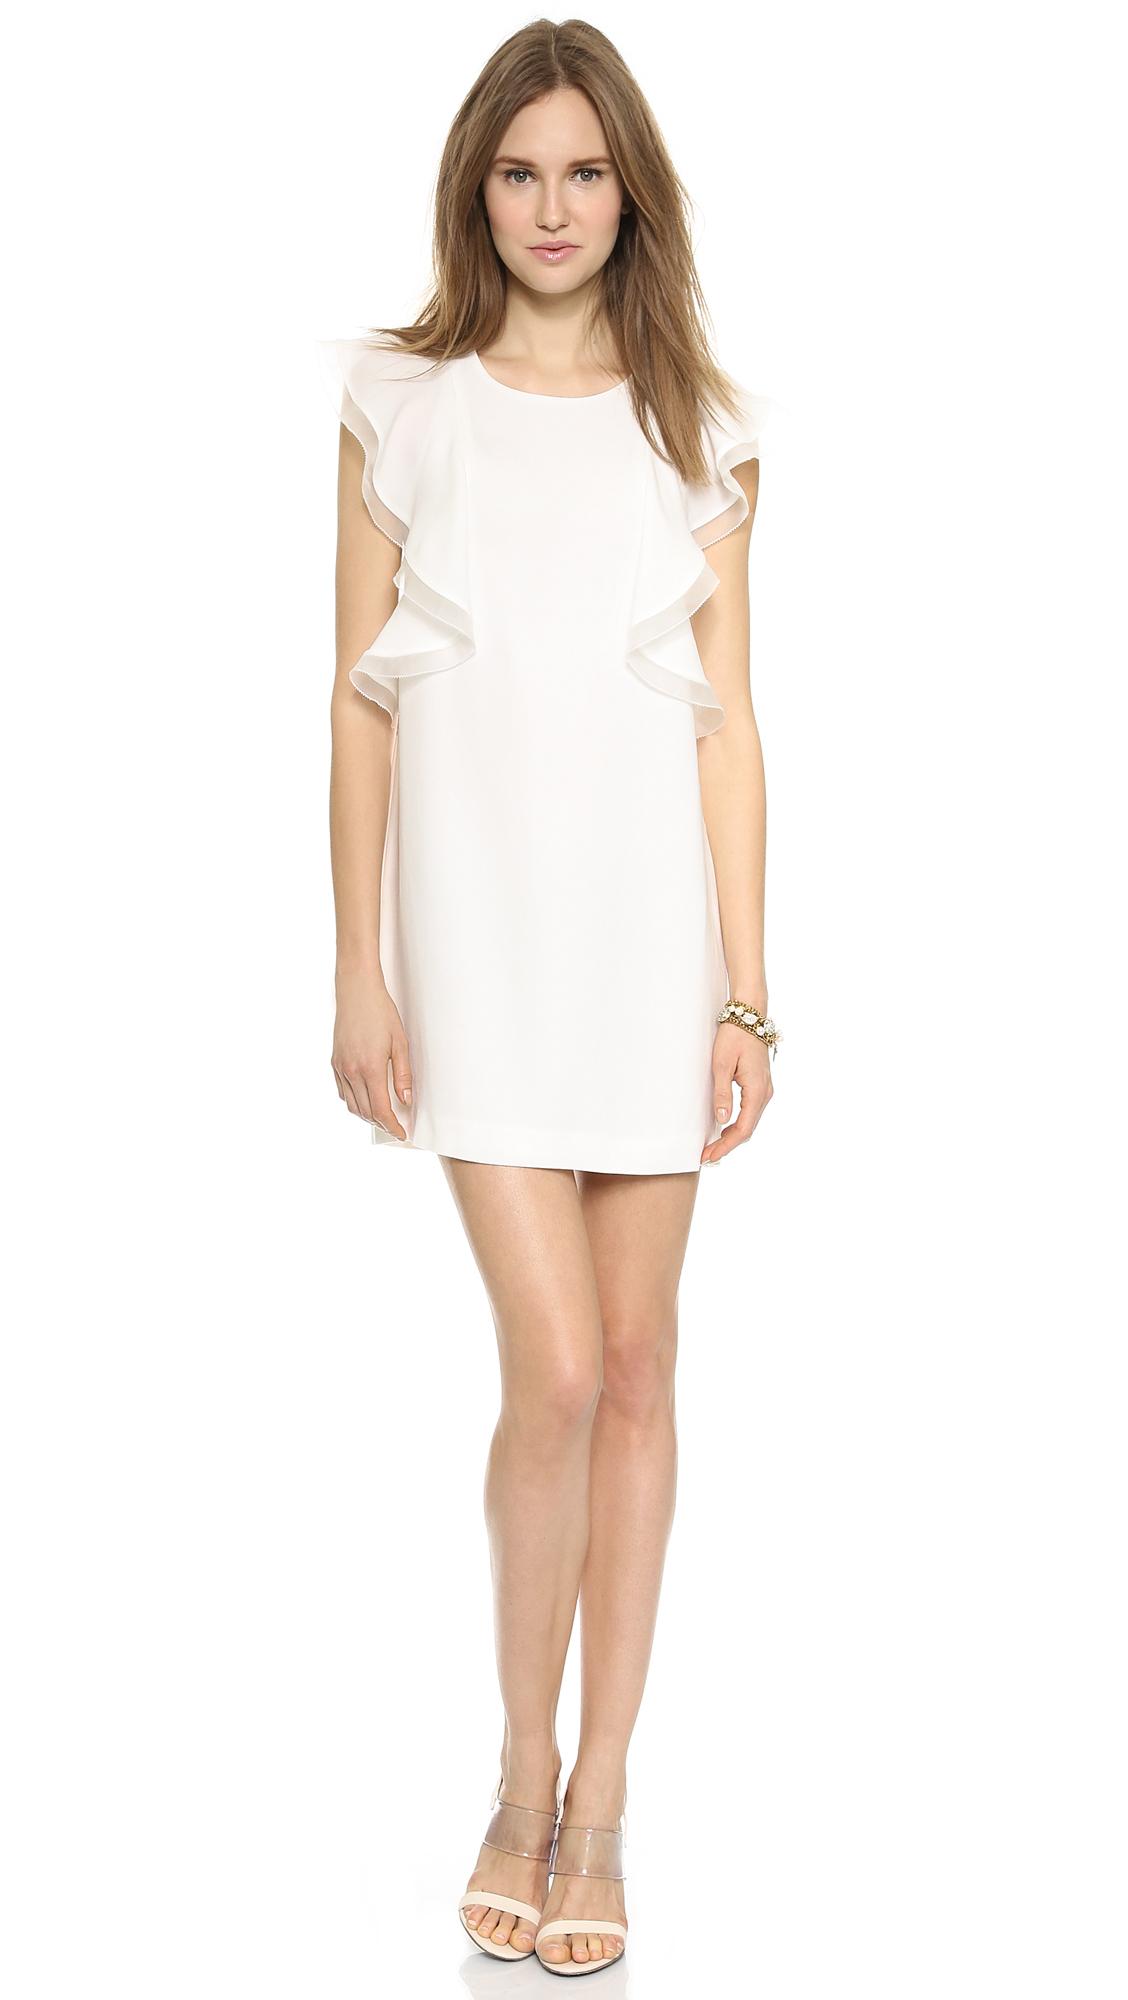 Topshop womens clothing fashion 60